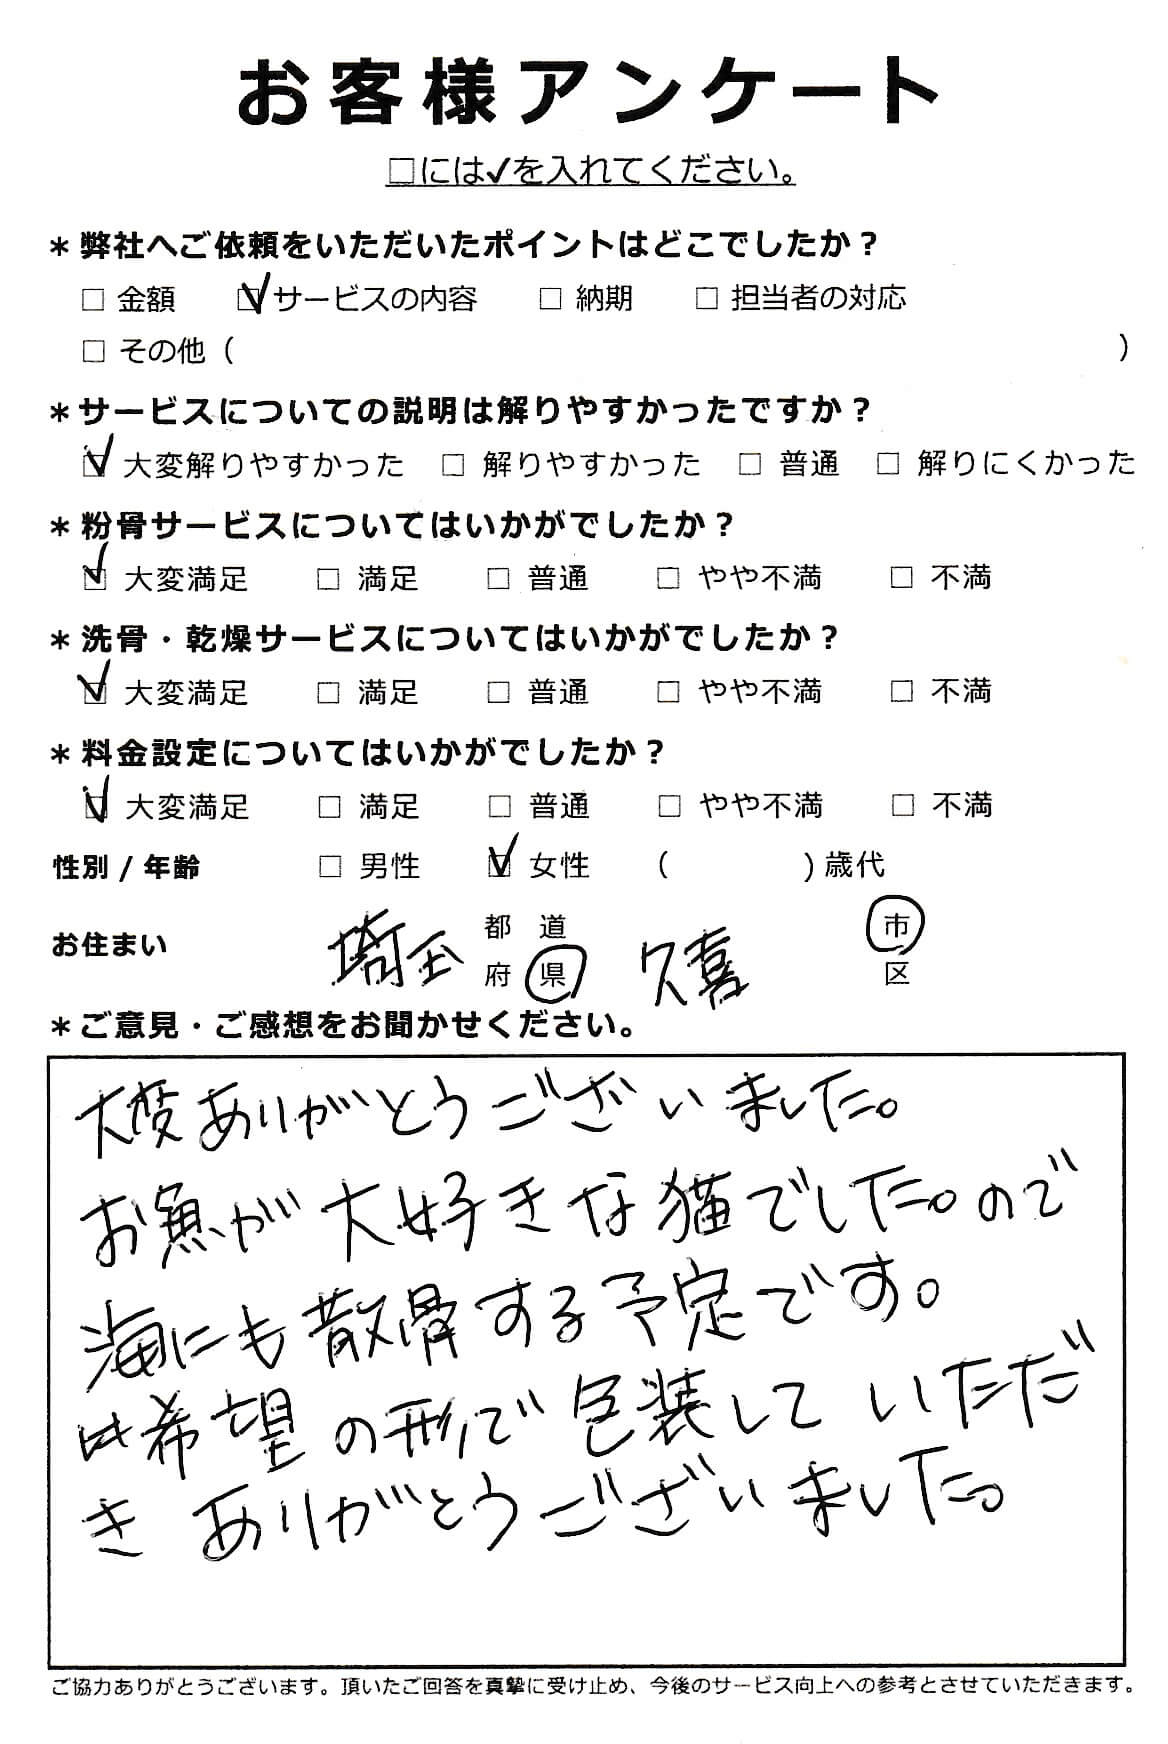 埼玉県久喜市での粉骨・洗骨サービス